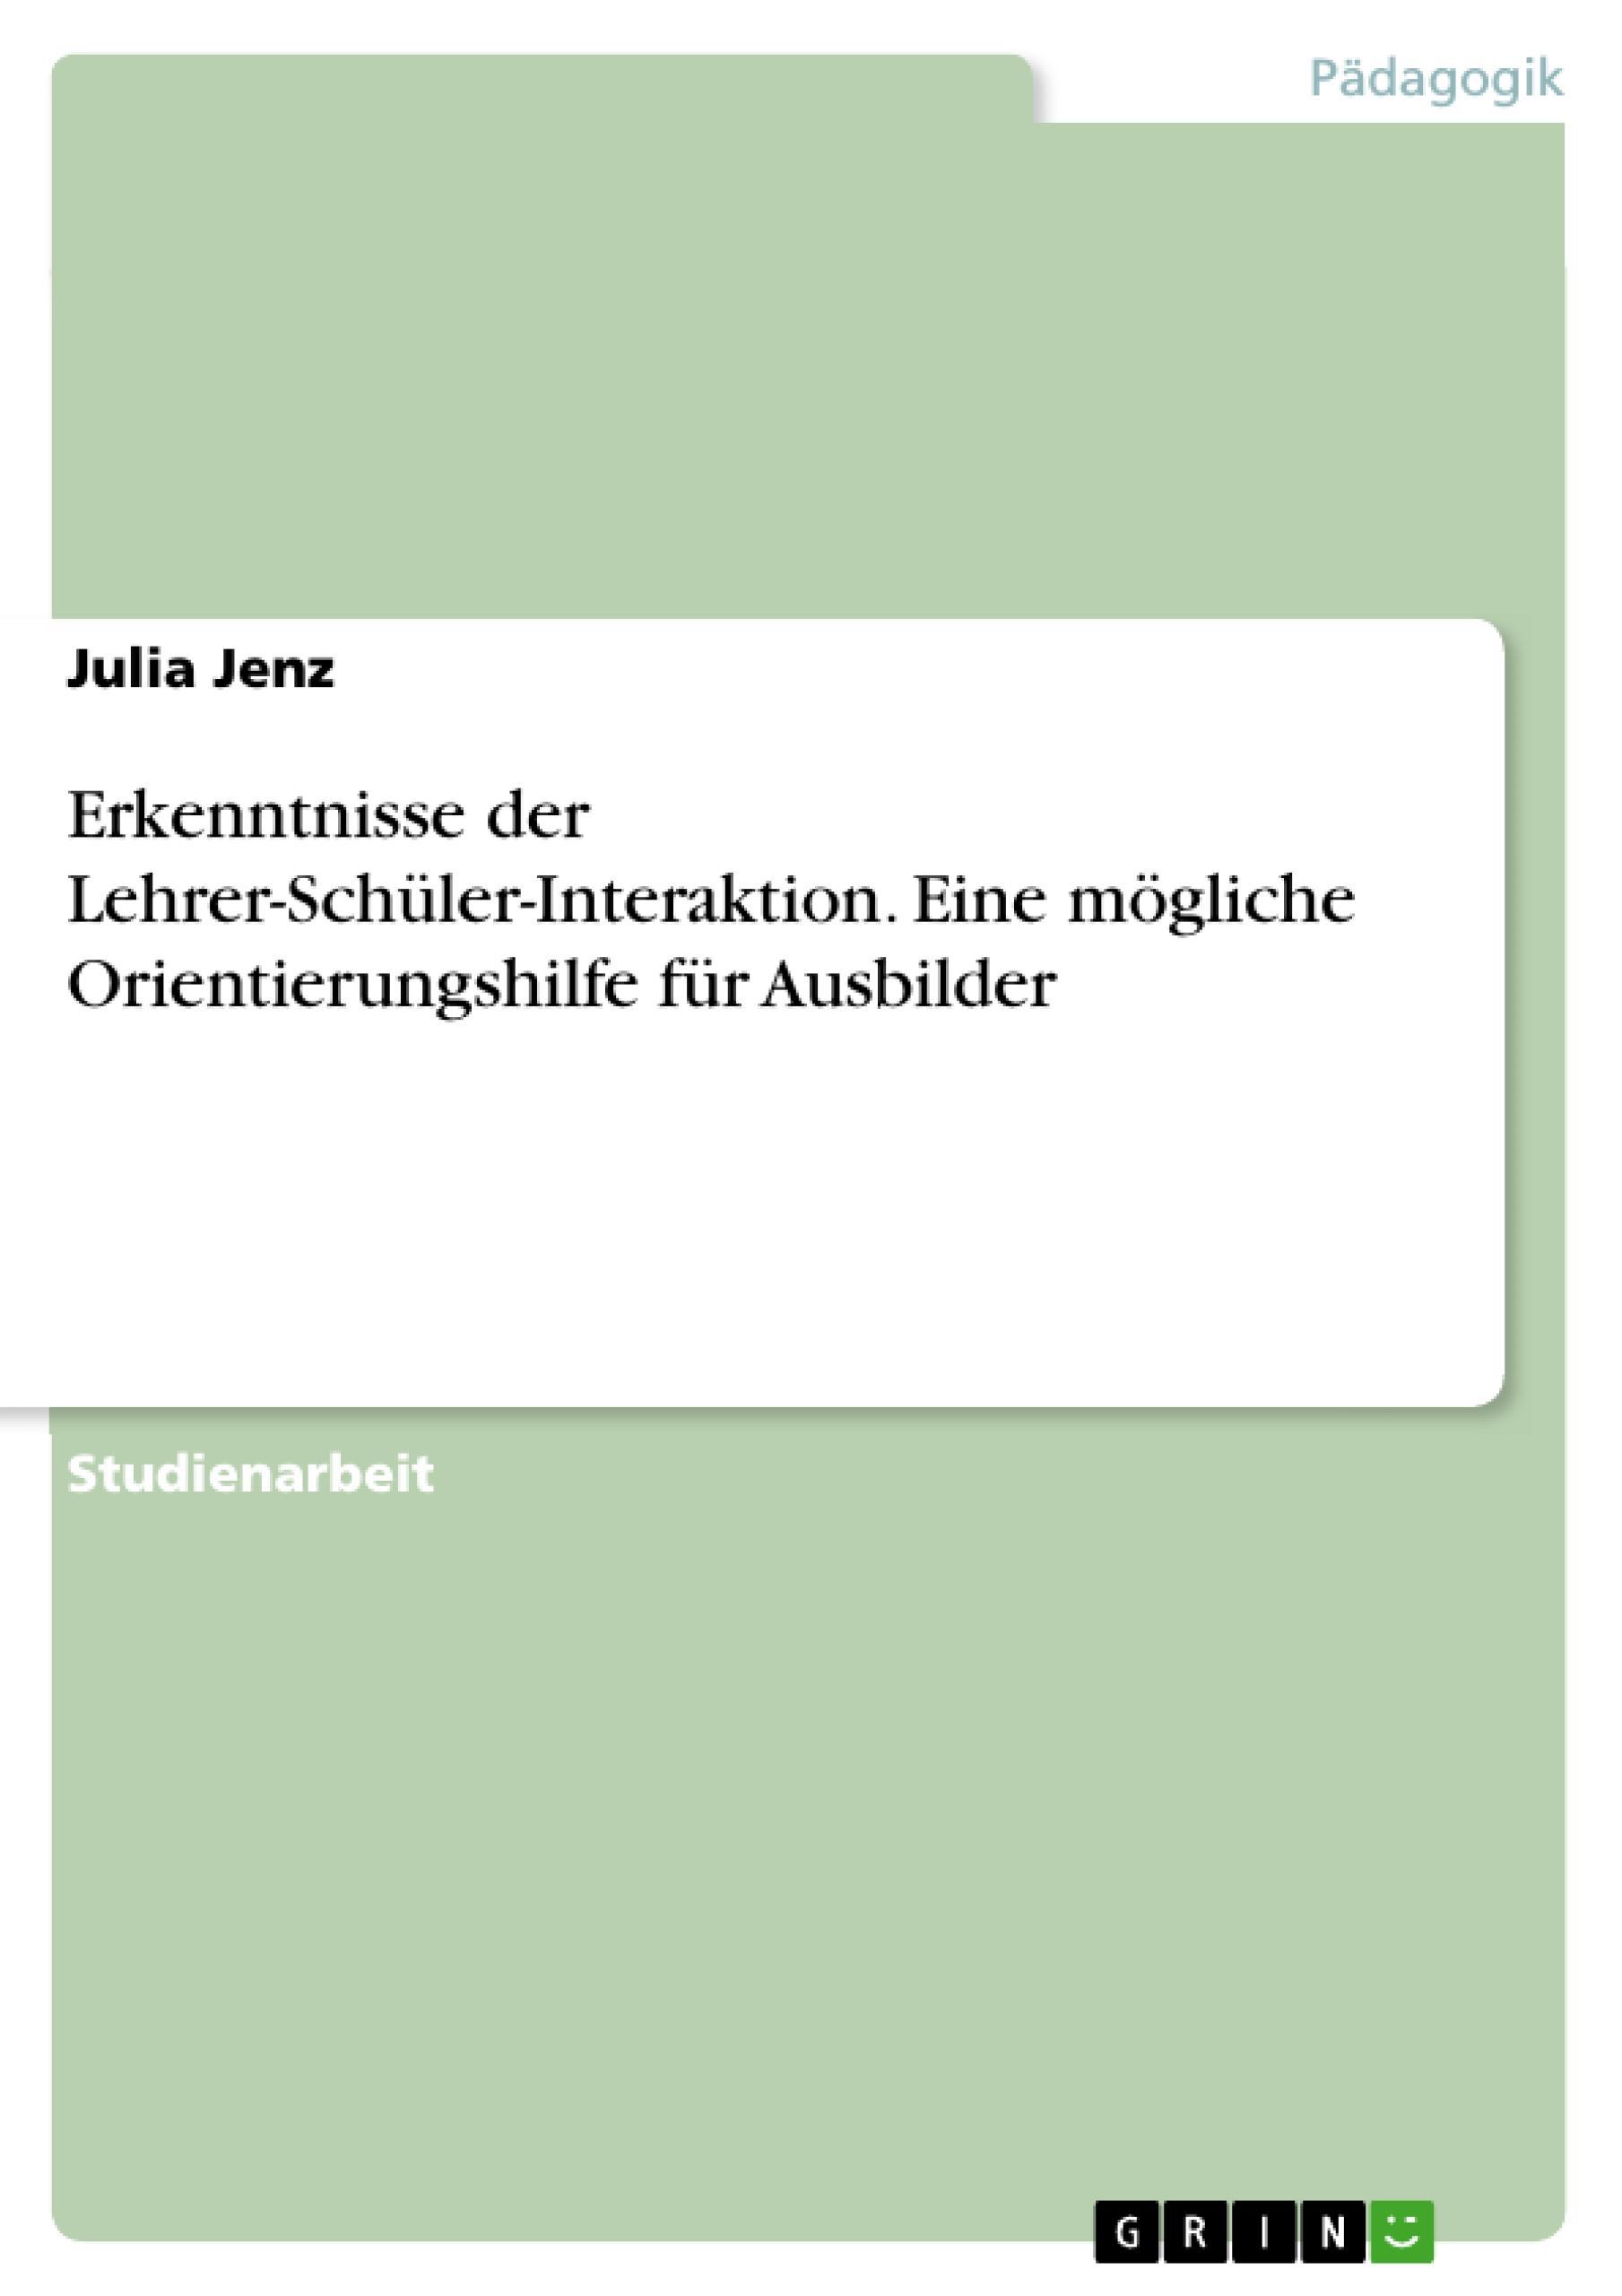 Erkenntnisse der Lehrer-Schüler-Interaktion. Eine mögliche Orientierungshilfe für Ausbilder  Julia Jenz  Taschenbuch  Deutsch  2013 - Jenz, Julia